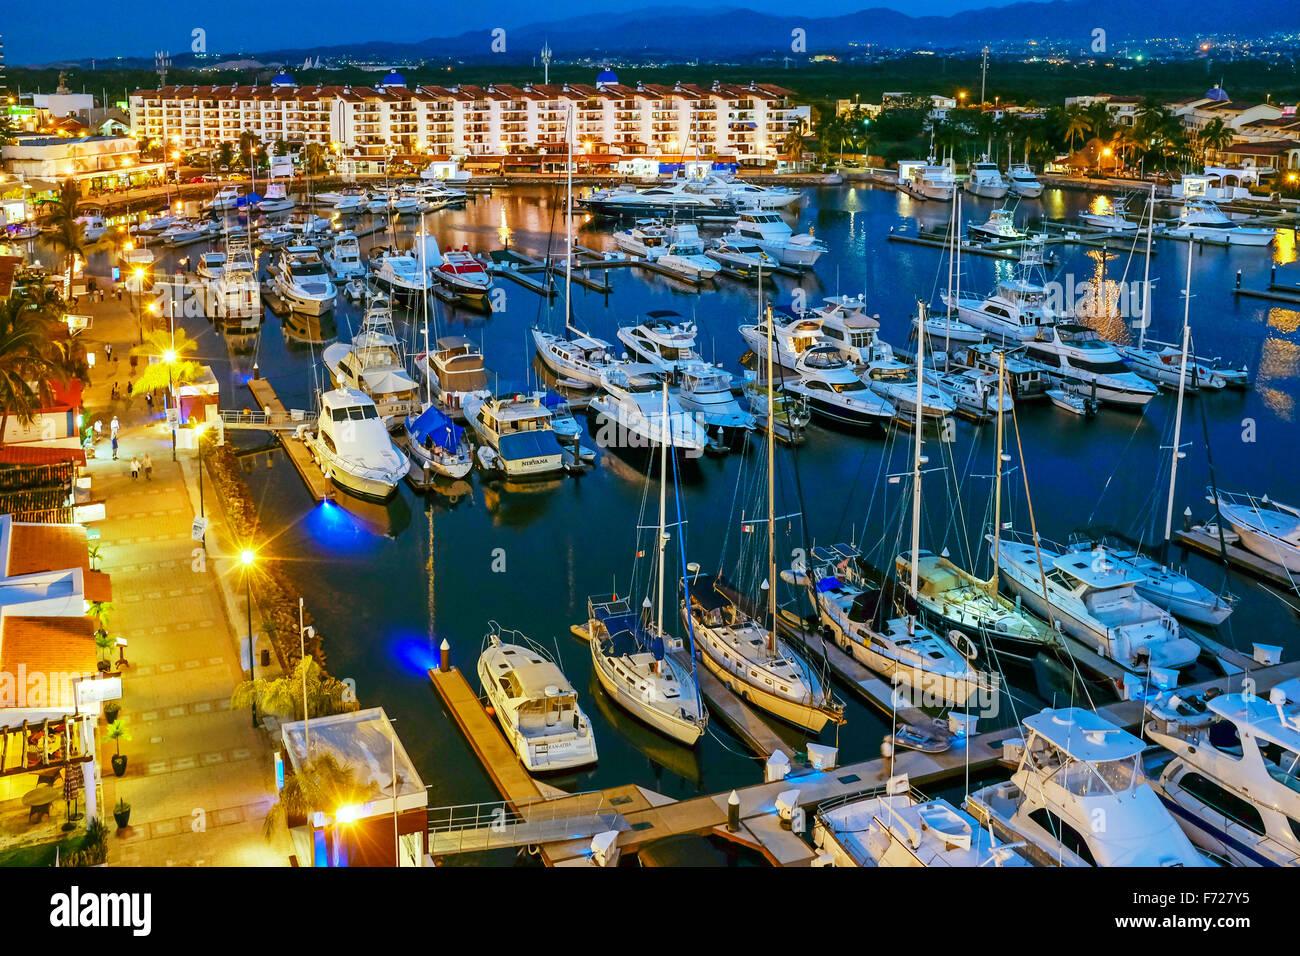 Noche en el puerto deportivo de Marina Vallarta, Puerto Vallarta, México Imagen De Stock